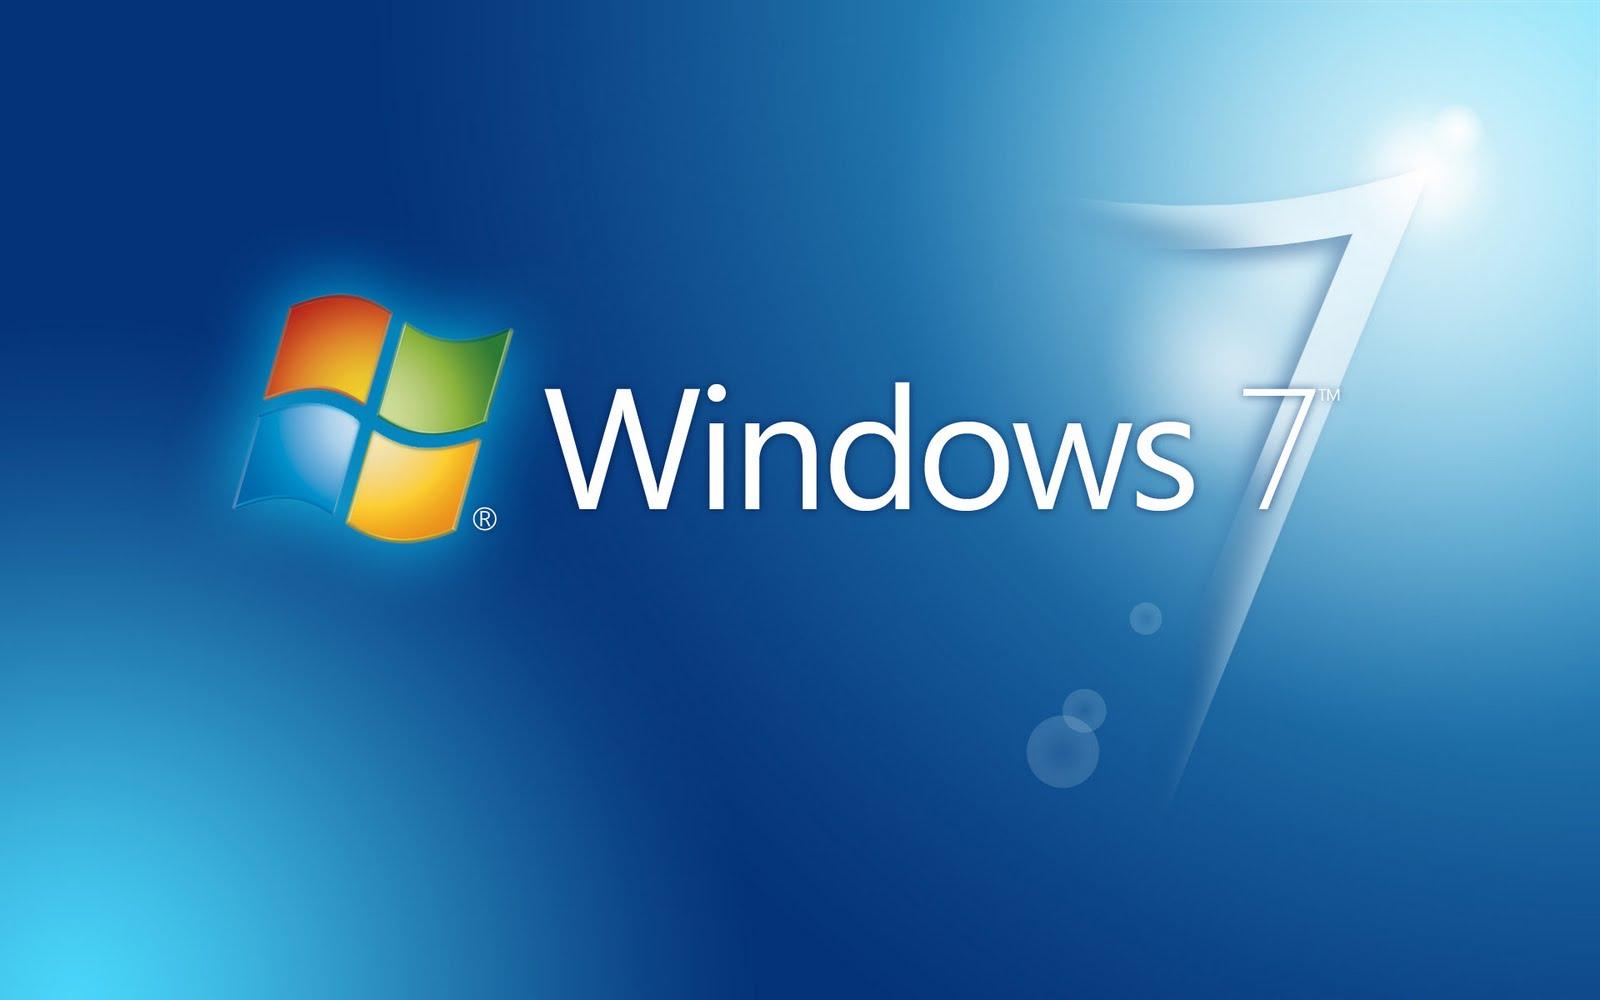 Data rescue 3 for windows 7